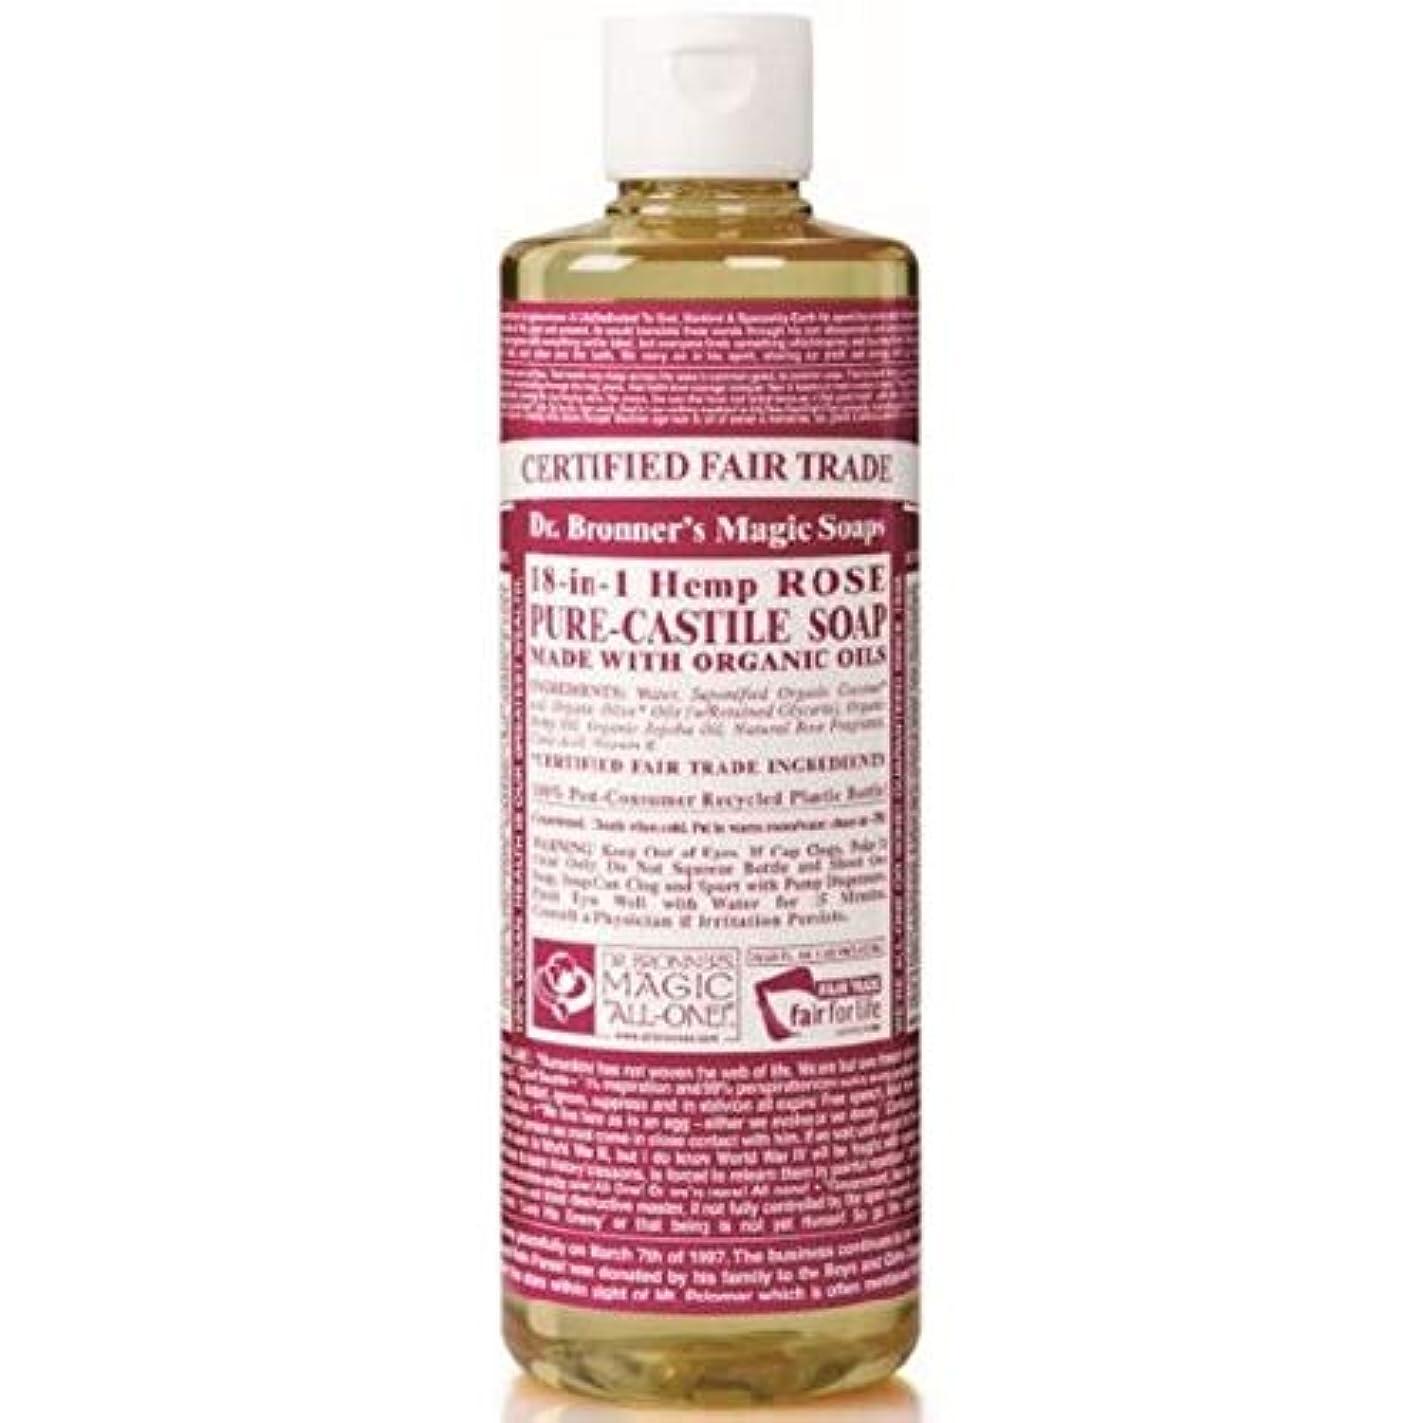 うんブラケット苦しみ[Dr Bronner] Dr。ブロナーズ有機バラカスティーリャ液体石鹸237ミリリットル - Dr. Bronner's Organic Rose Castile Liquid Soap 237ml [並行輸入品]